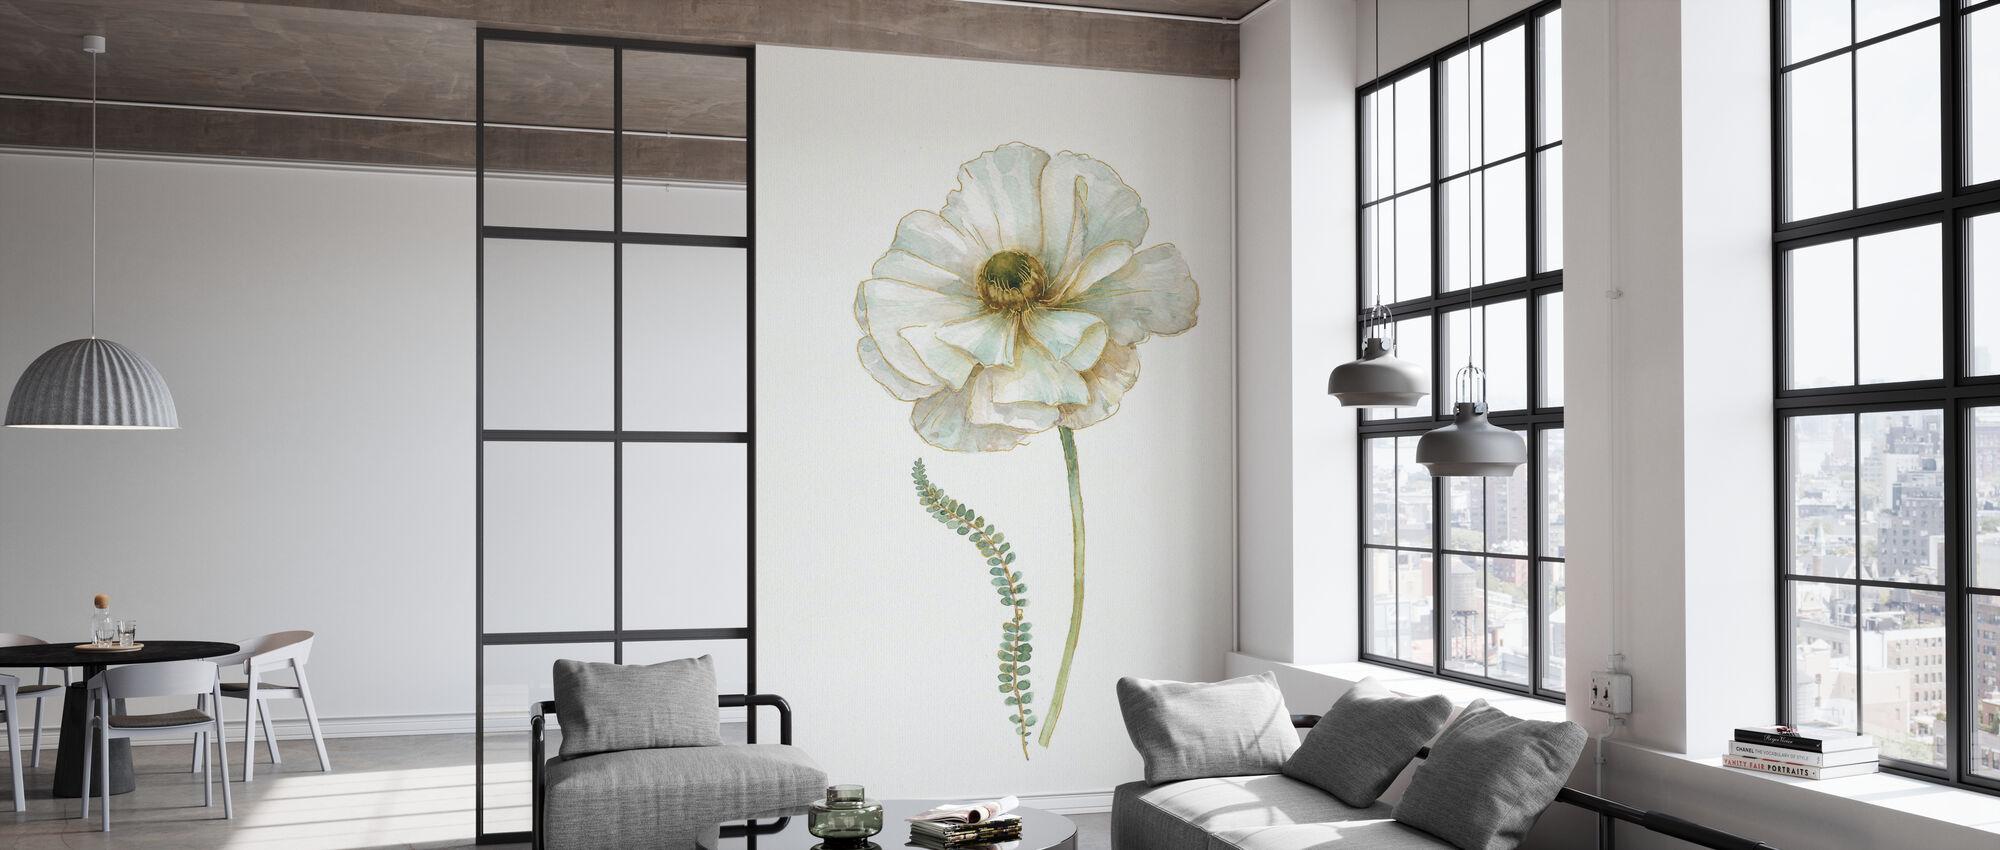 My Greenhouse Single Poppy II - Wallpaper - Office